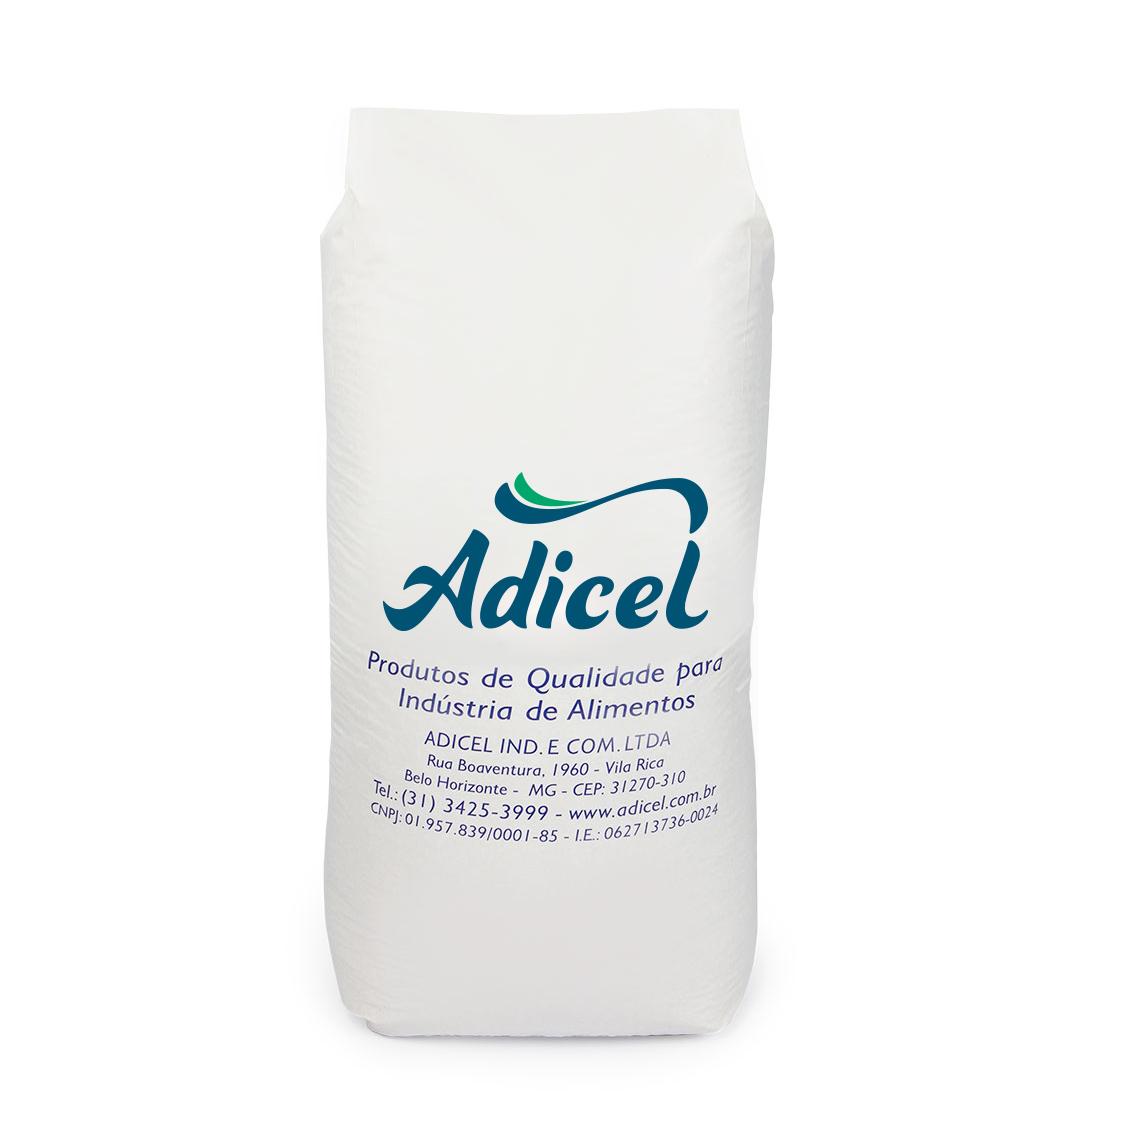 Proticel B Mix De Proteínas Para Cárneos - 20 kg